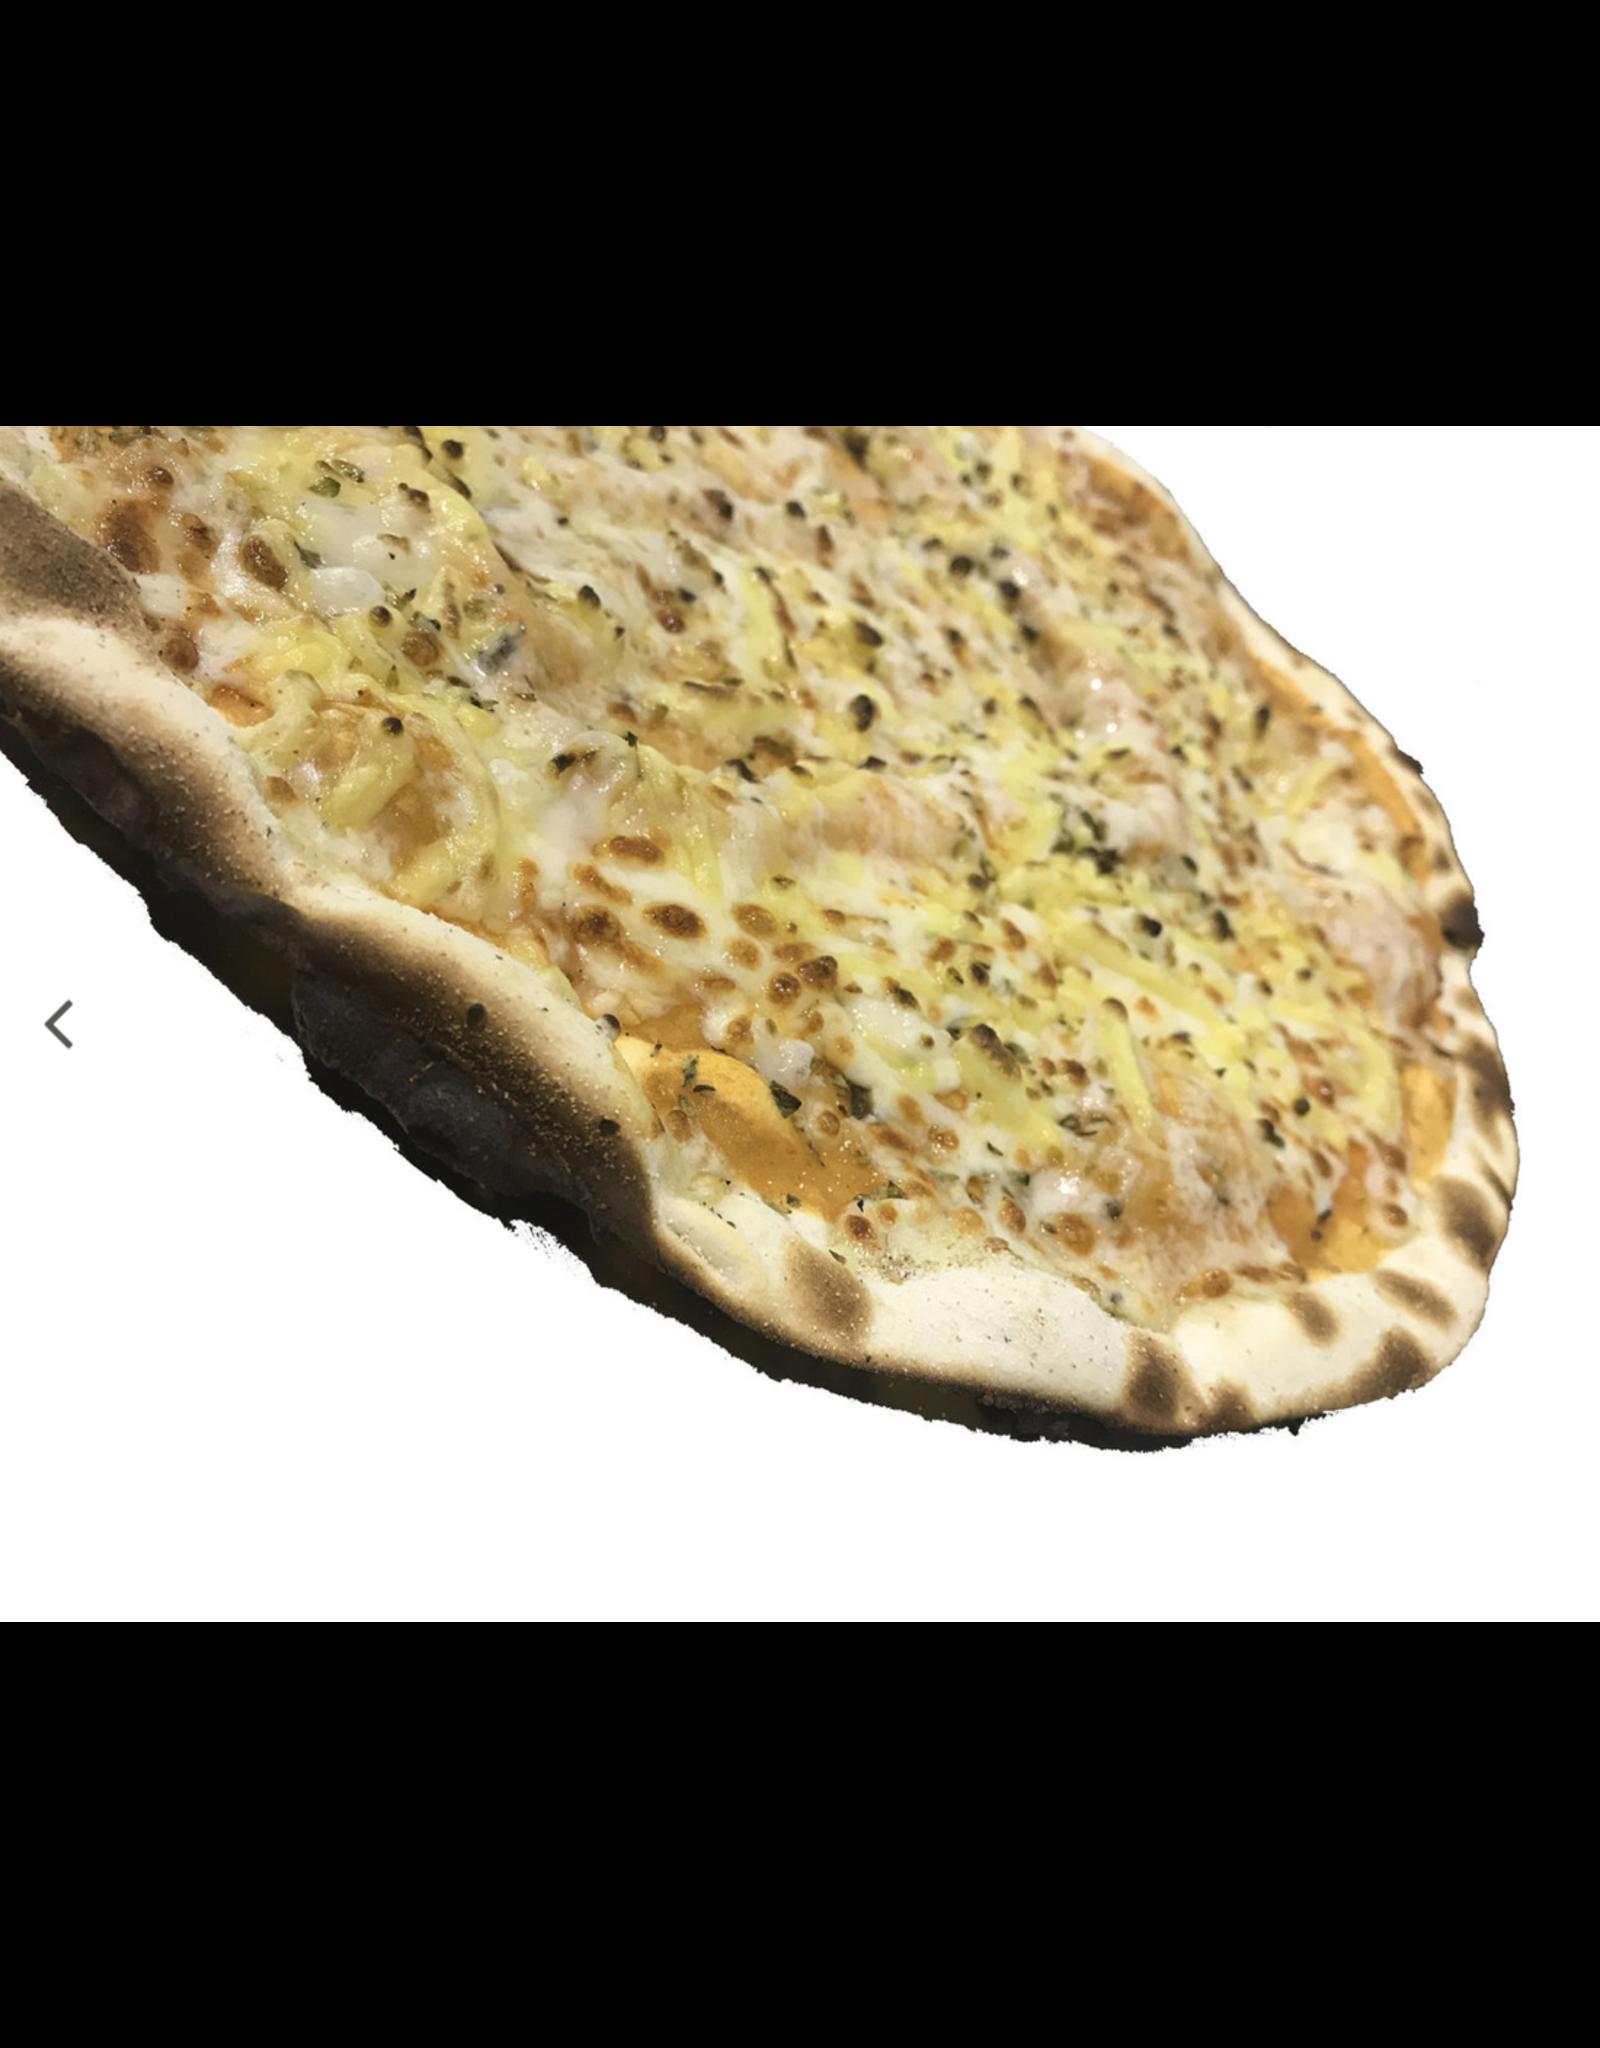 Viva Pizzawerk Drei Käsesorten, 310g ❄️❄️❄️